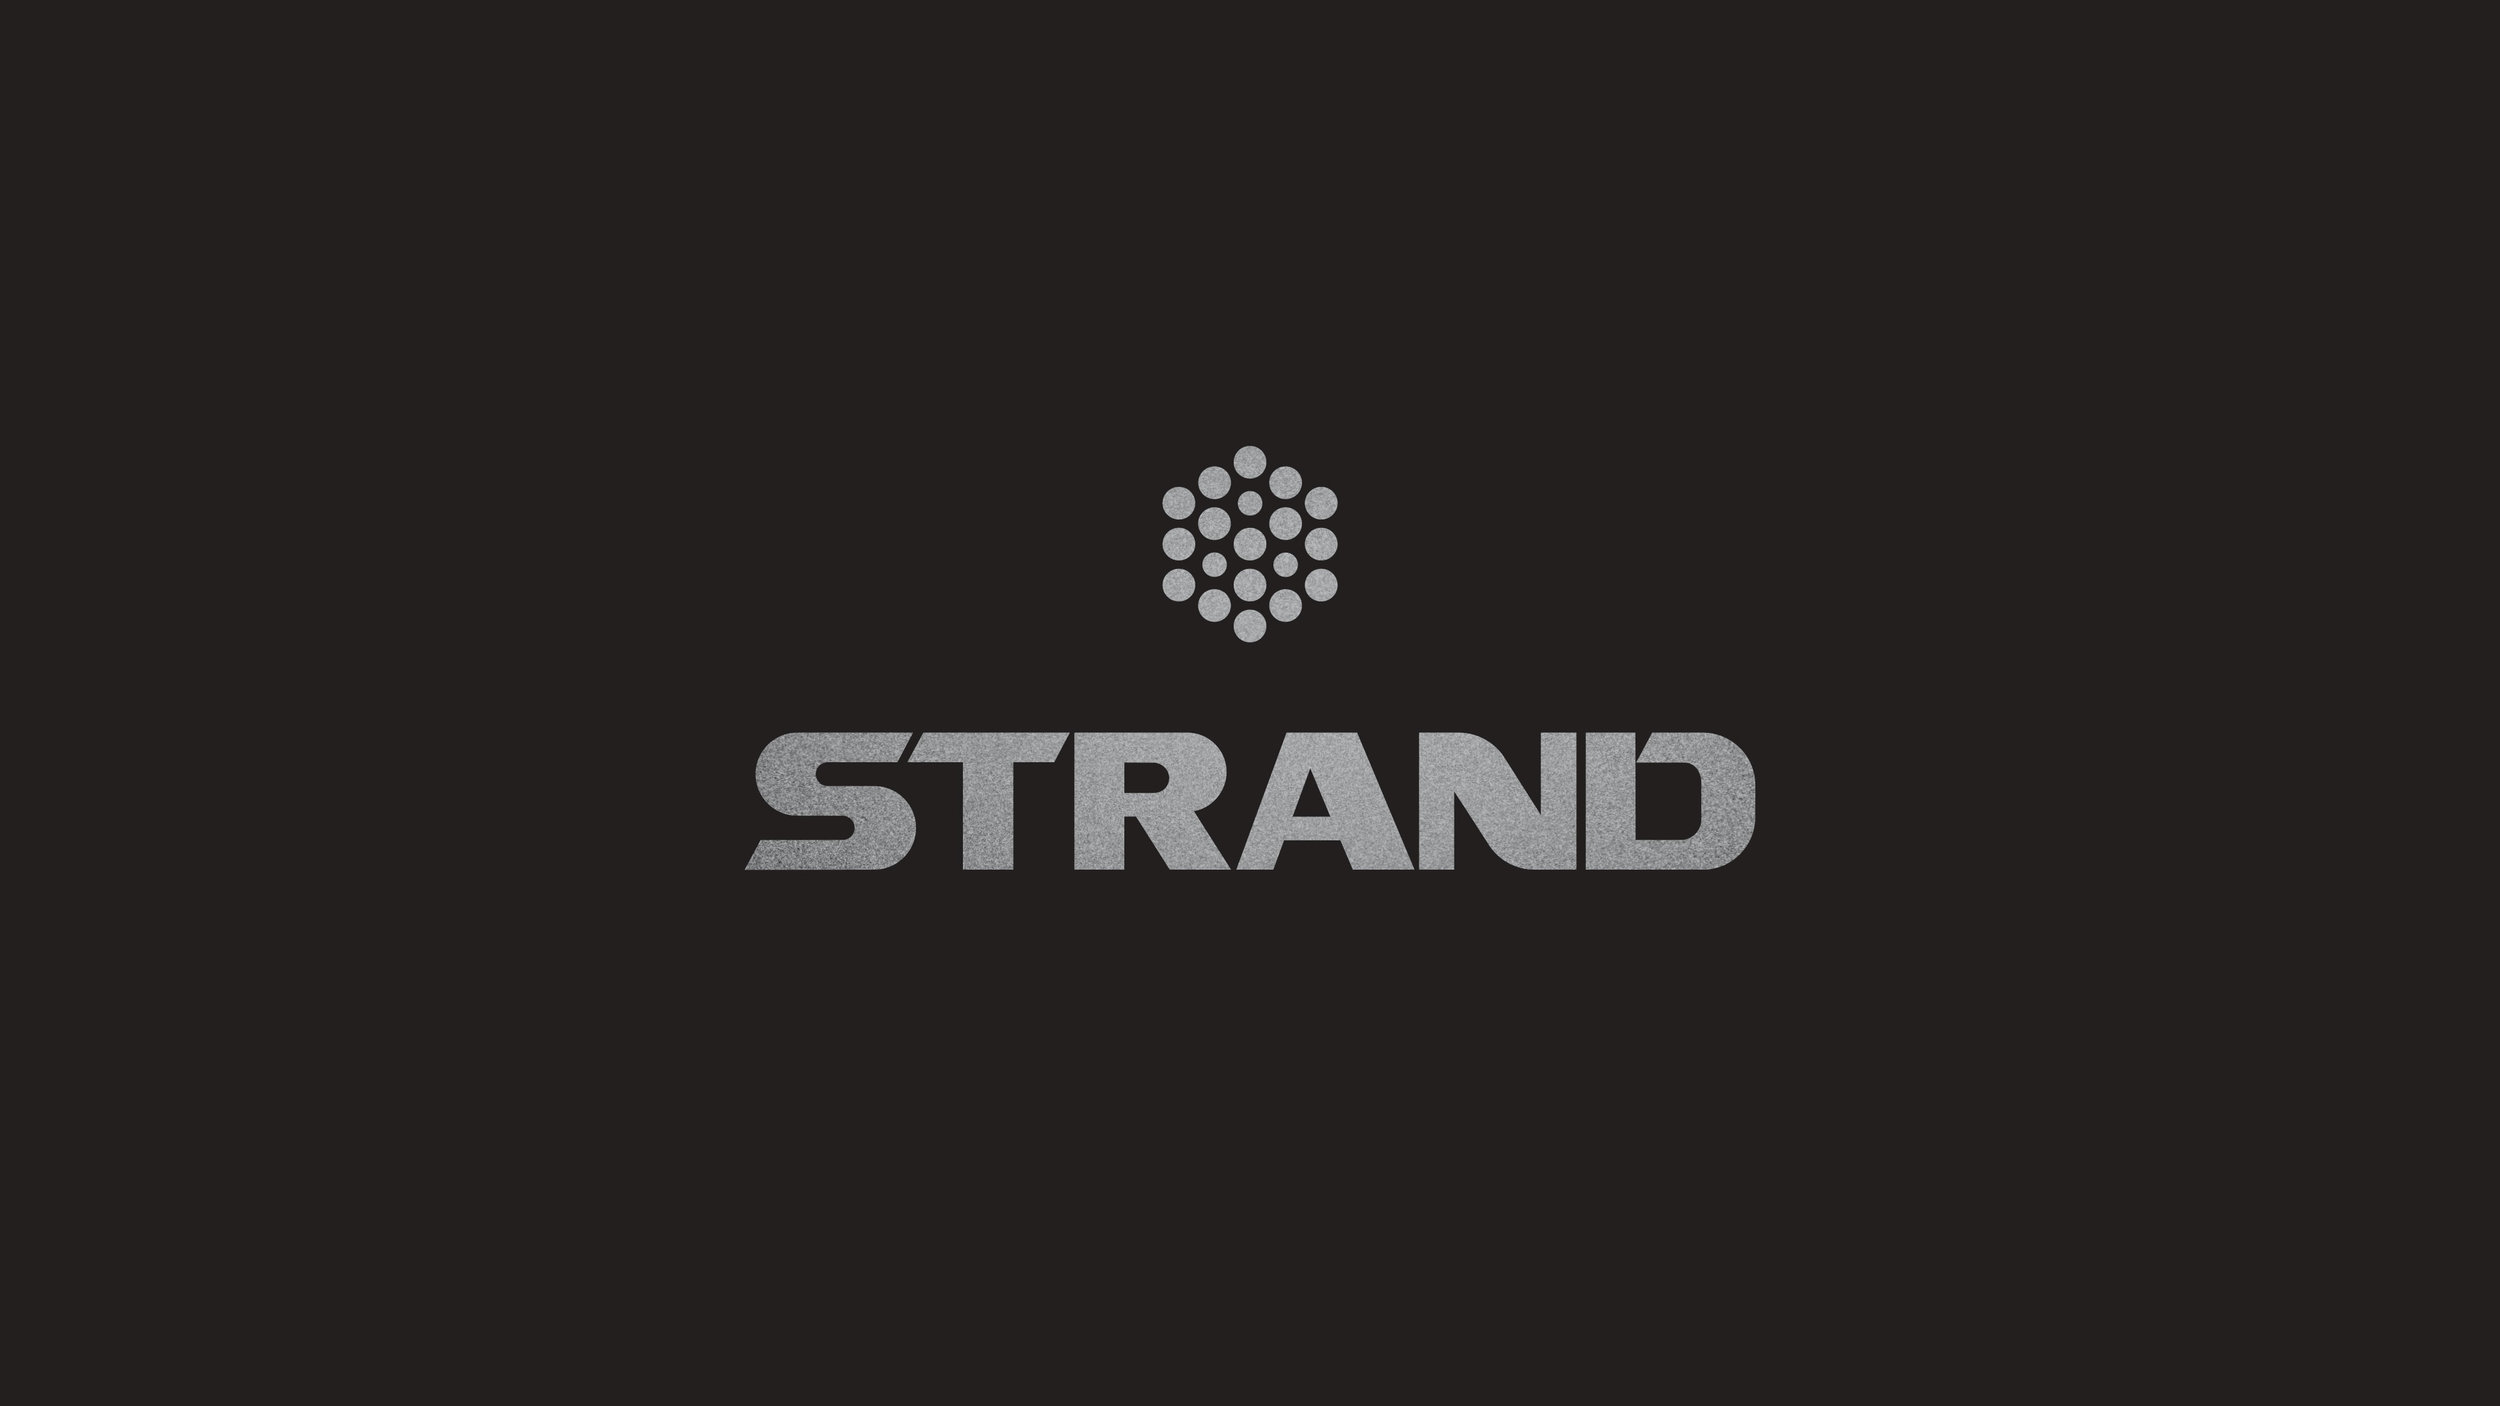 Markus-Wreland-Strand-01.jpg